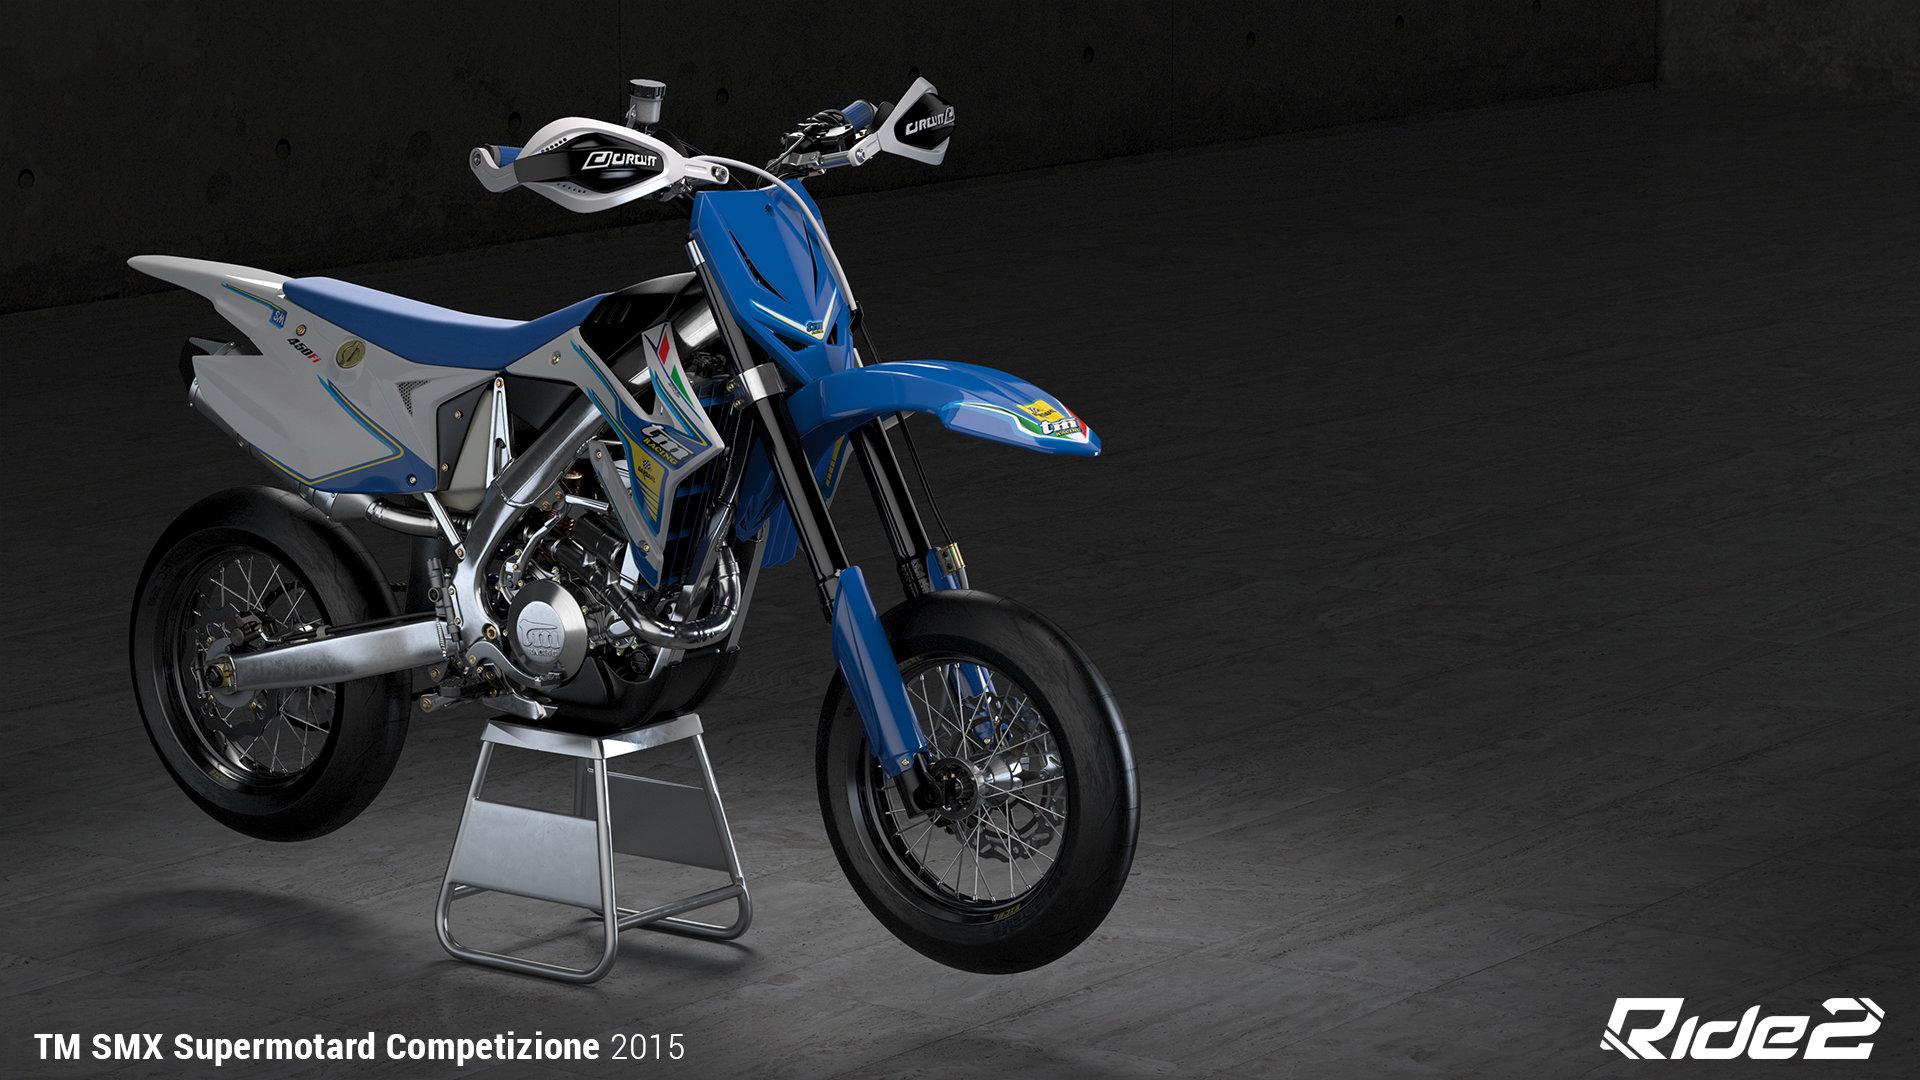 Best Ride 2 Wallpaper Id10628 For High Resolution Hd 1920x1080 Desktop